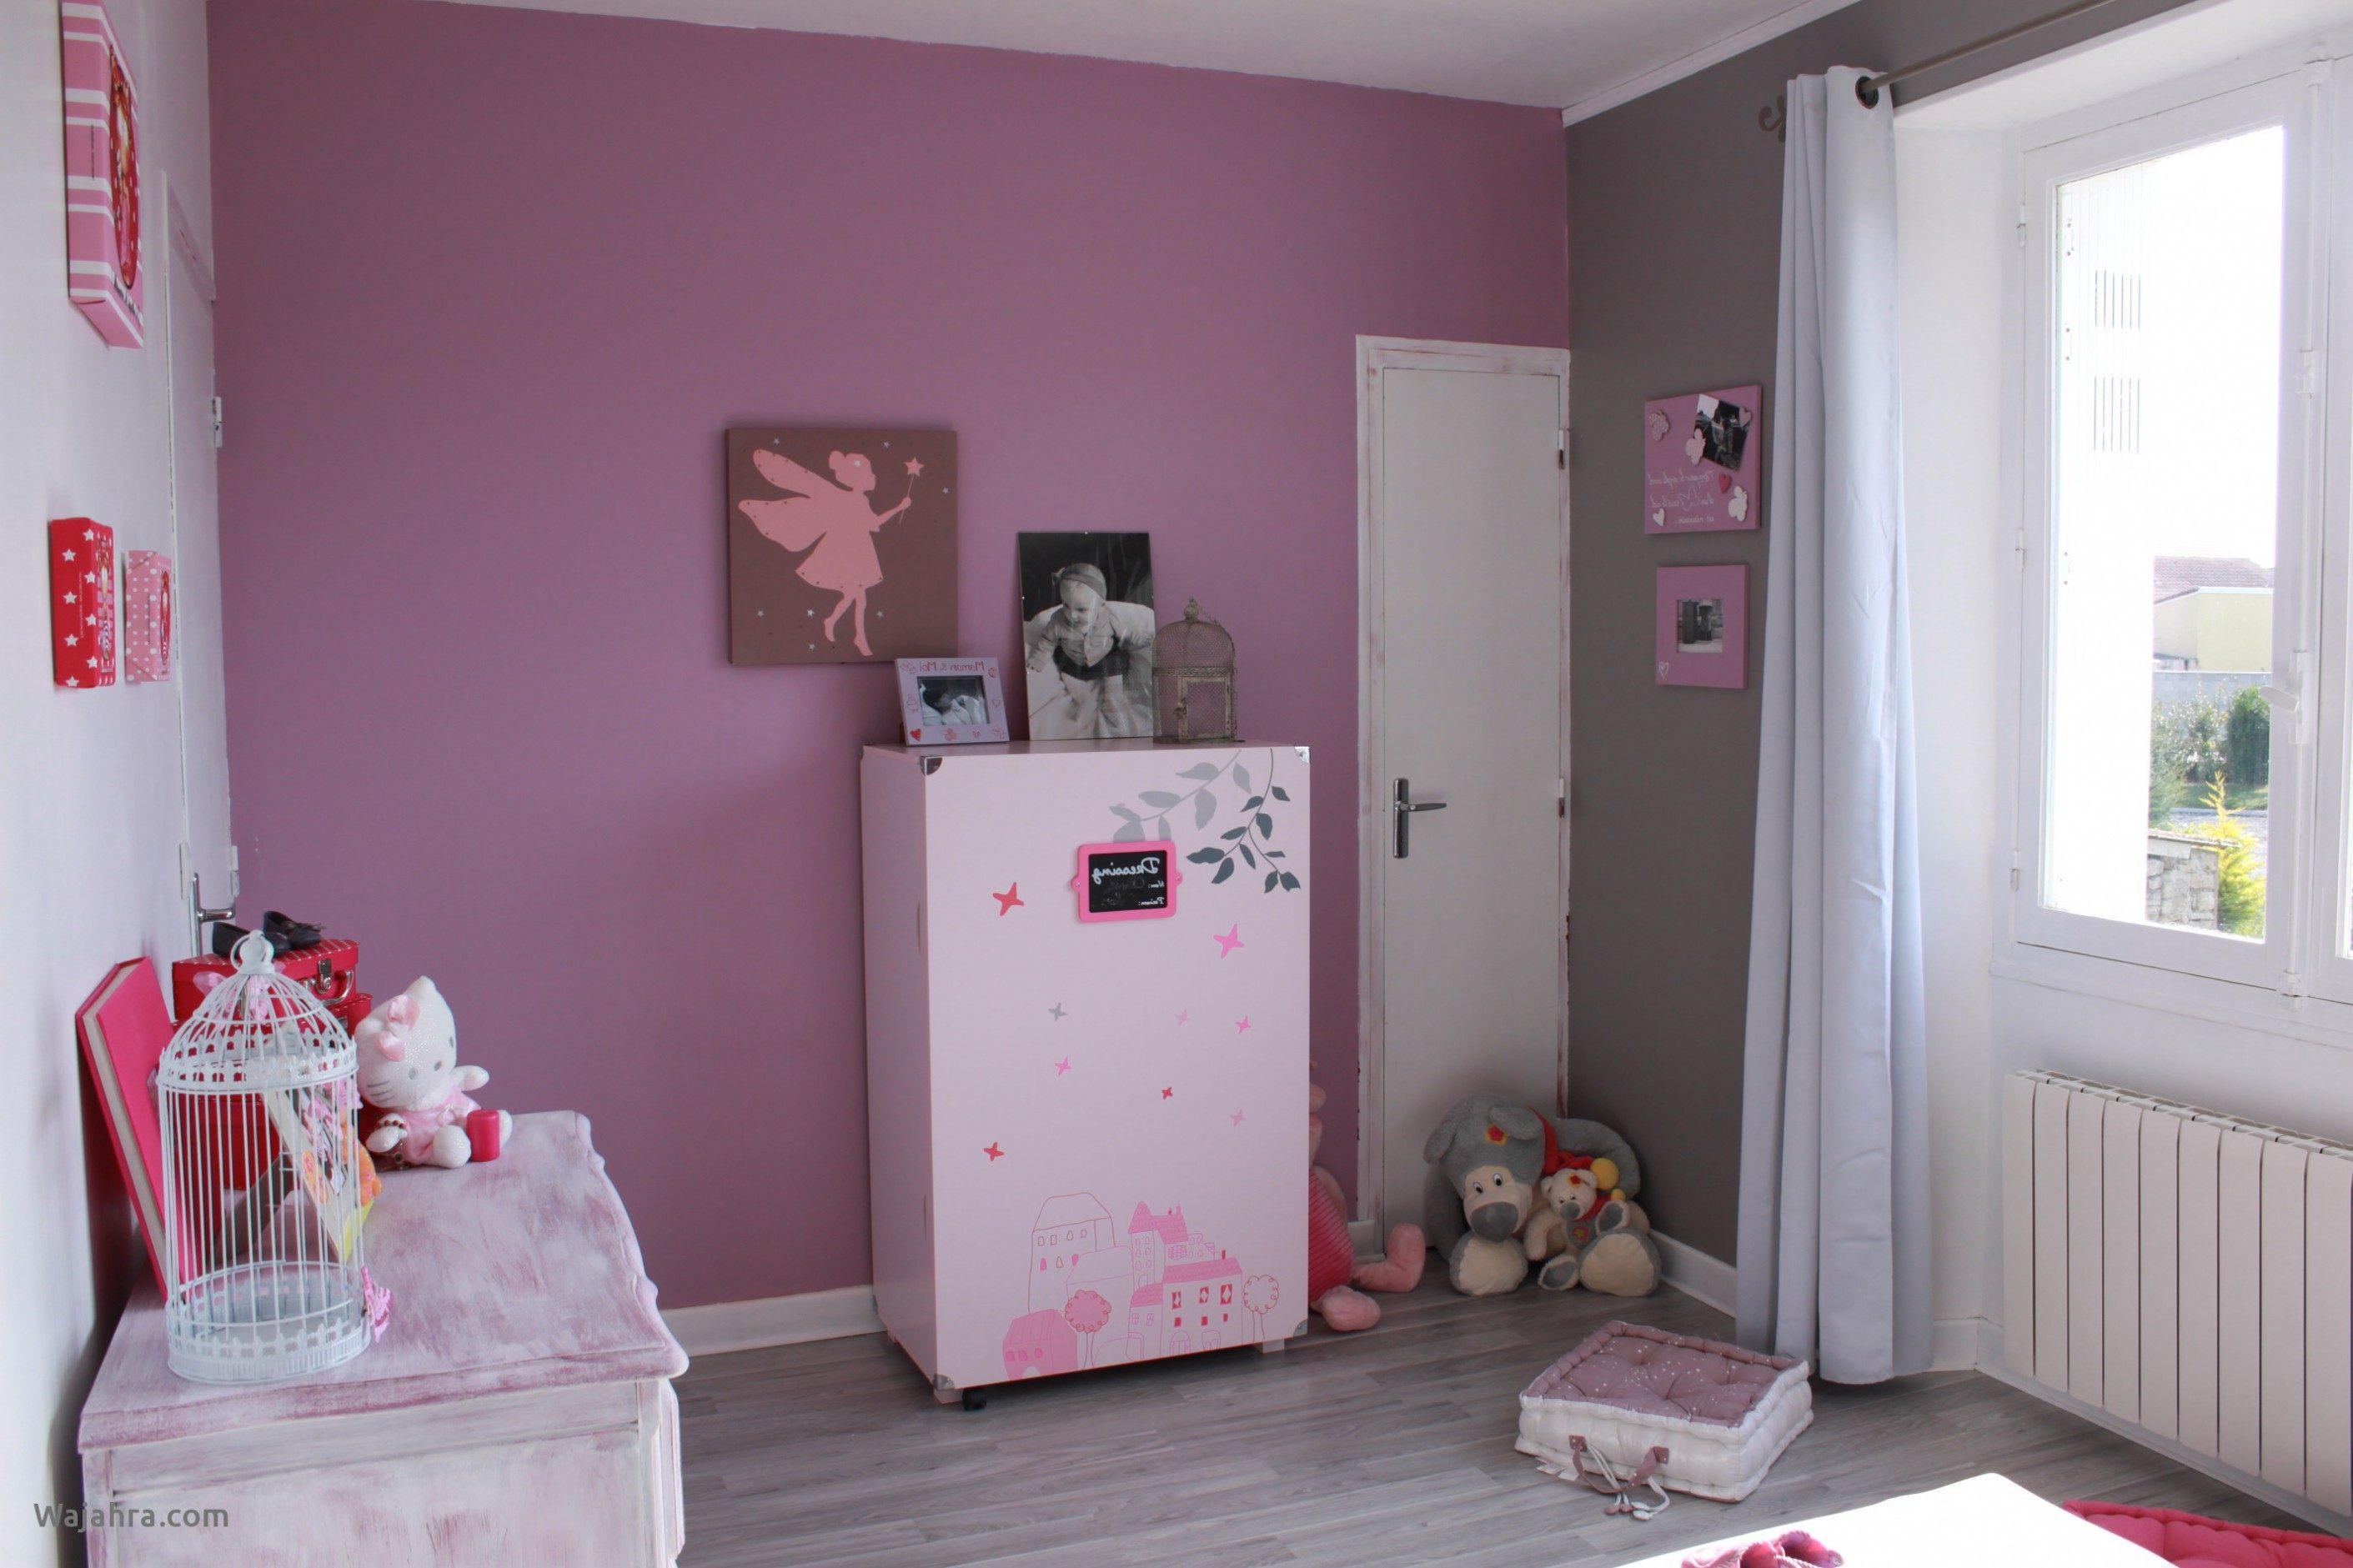 Petit Lit Bébé Le Luxe Canapé De Chambre 32 De Luxes Canapé Lit Couchage Quoti N Ikea